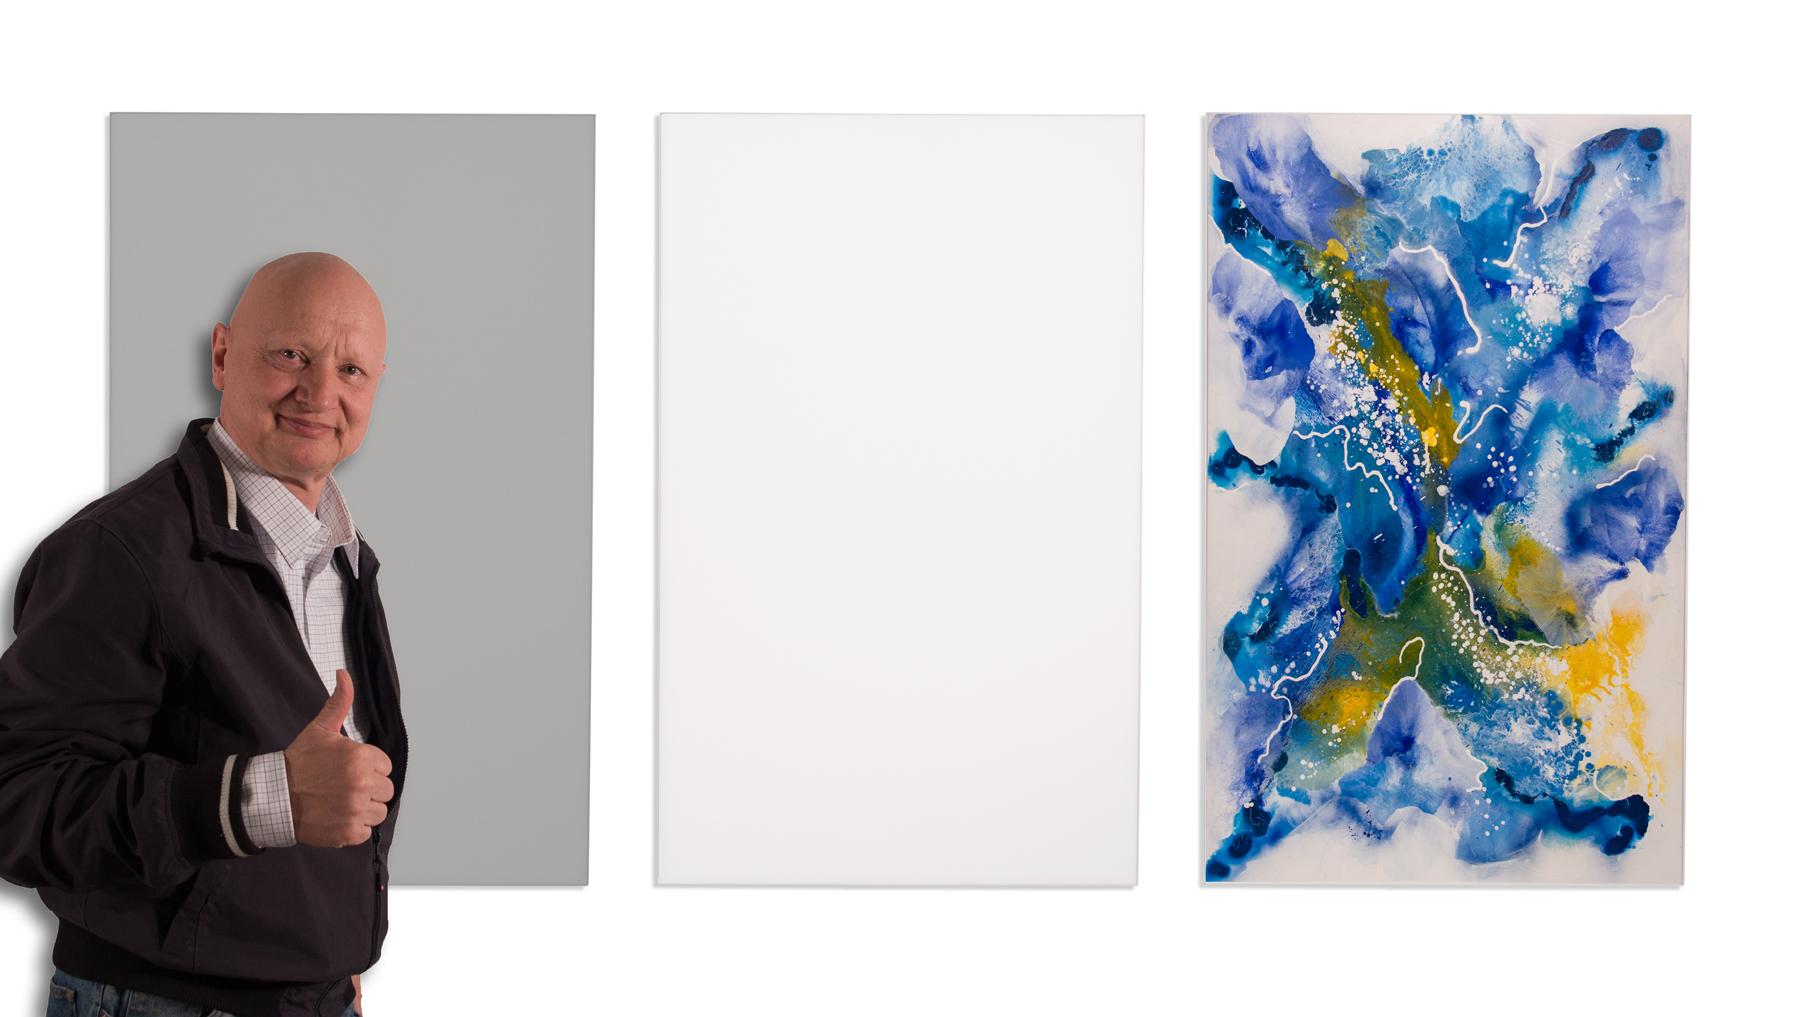 Weitere Kunstmotive finden Sie unter www.galerie-direkt.de